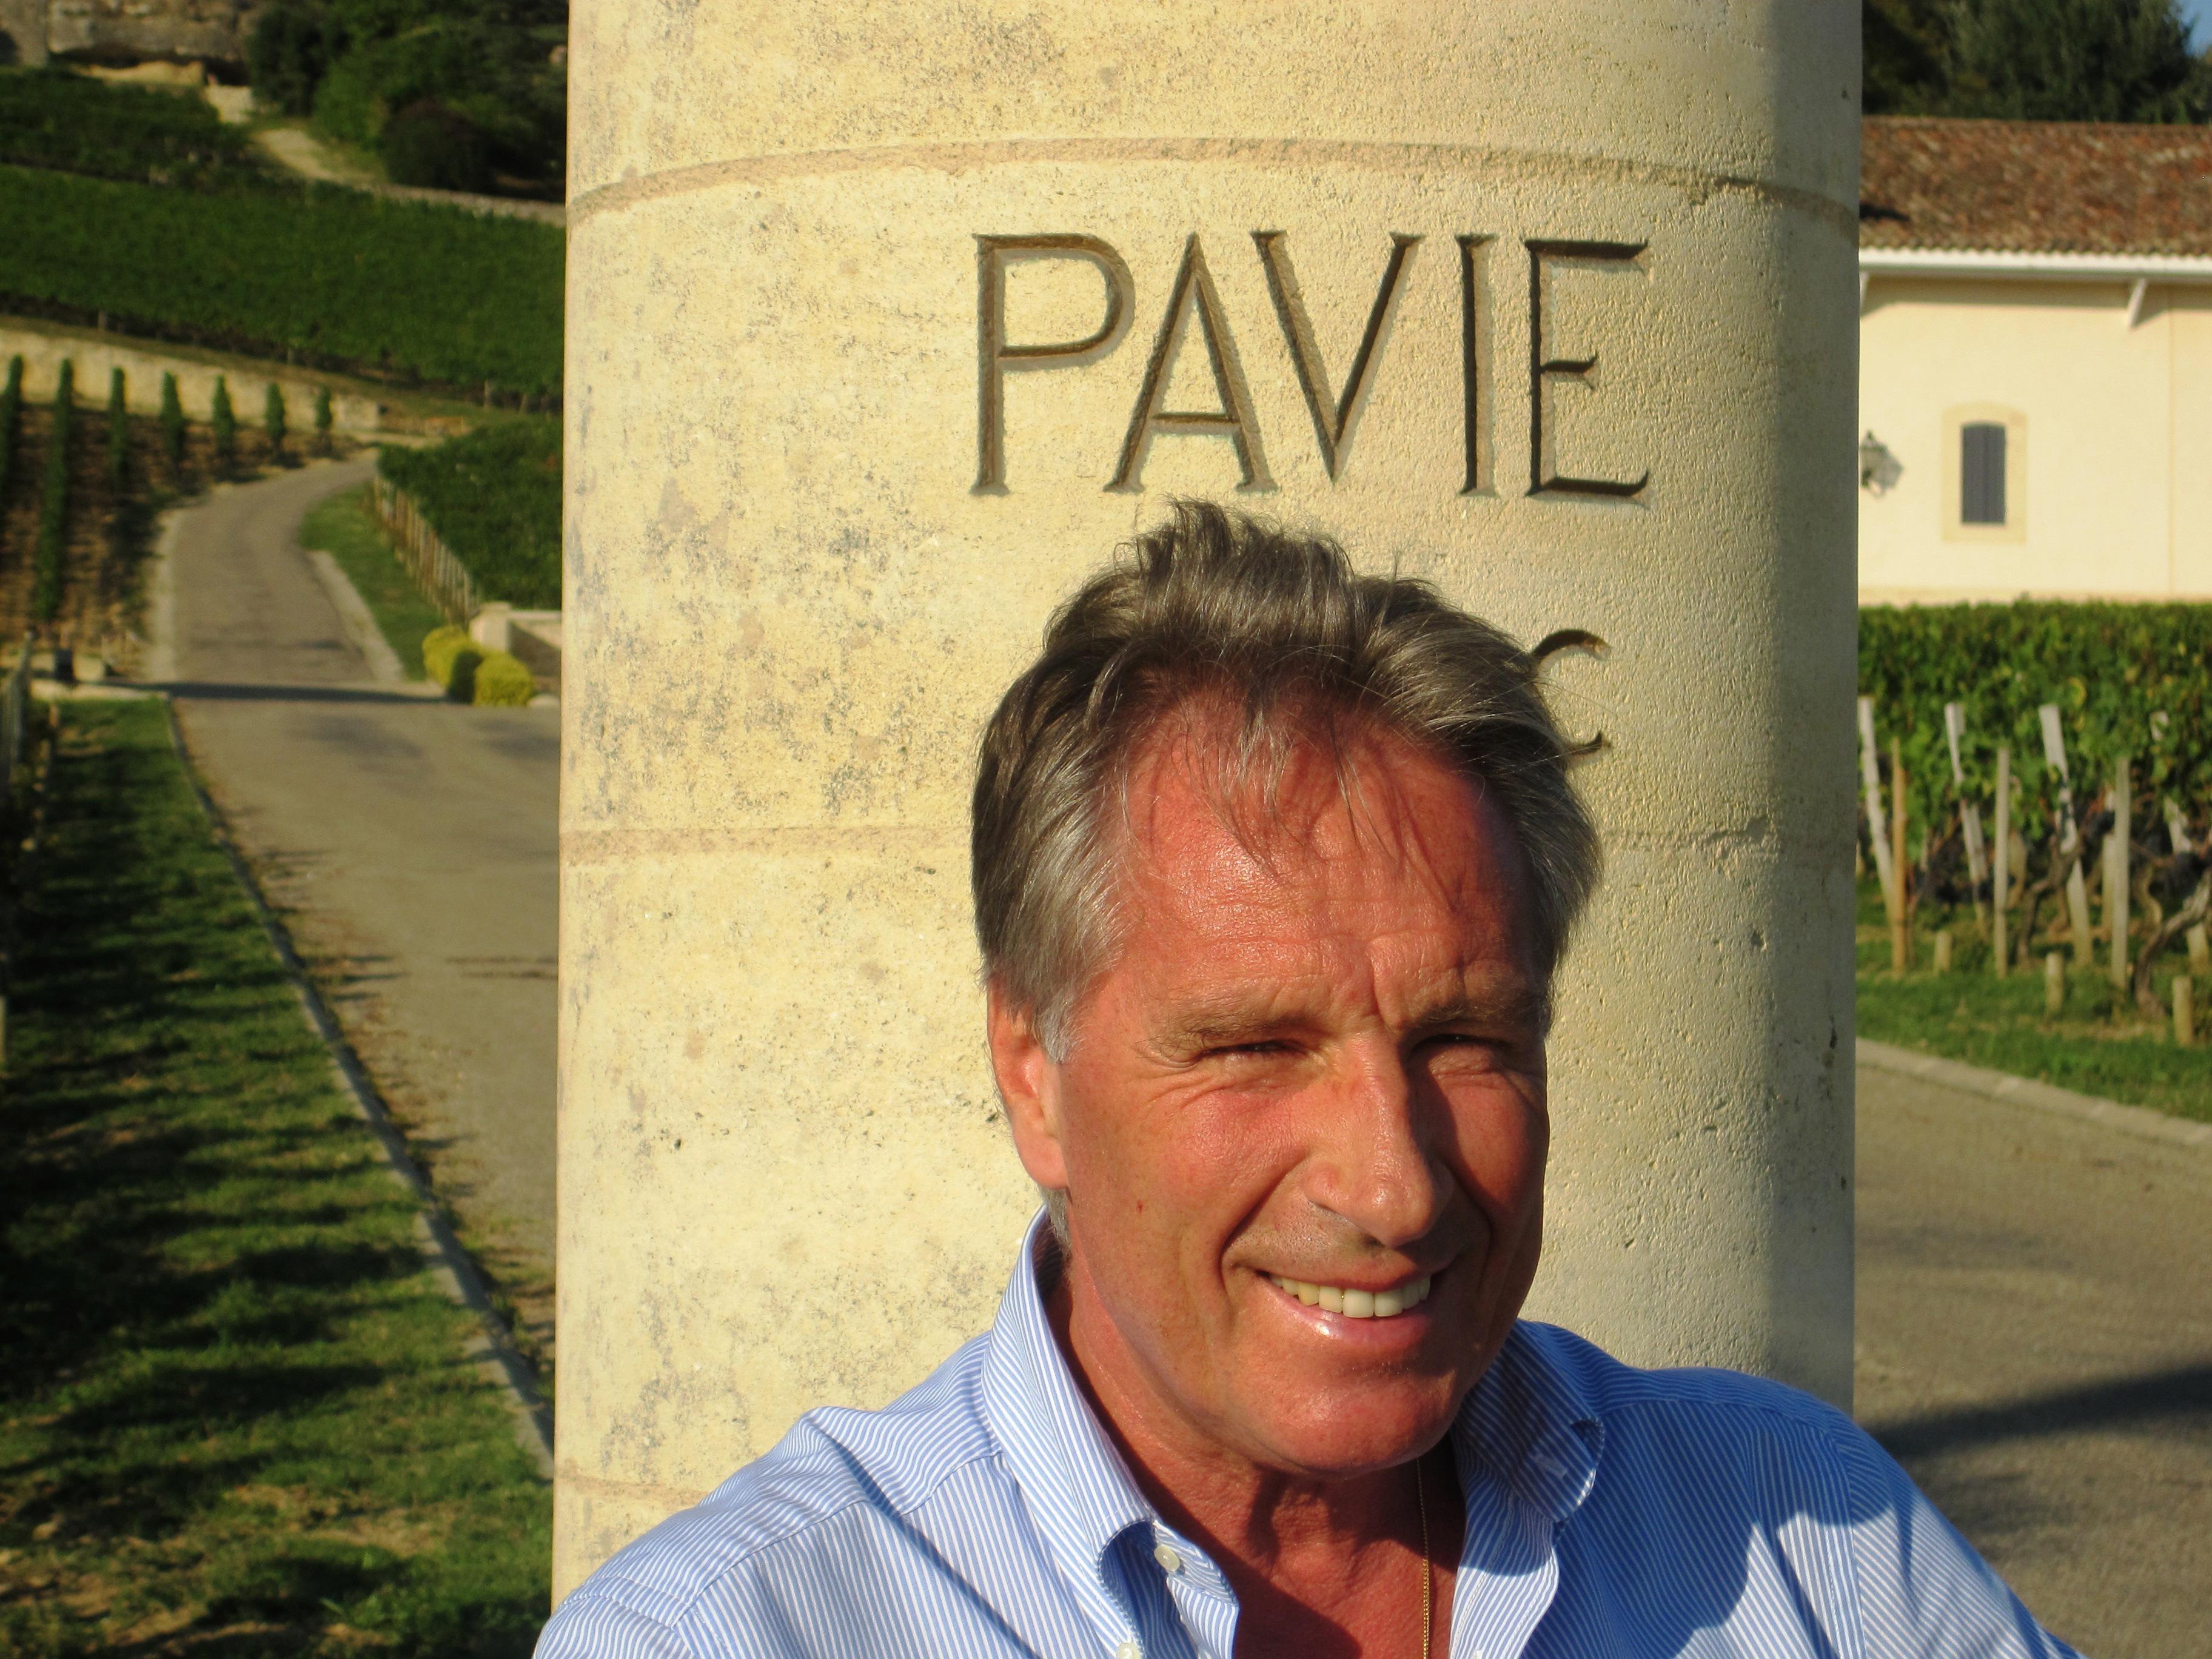 Pavie Perse Wine Tasting Notes, Ratings